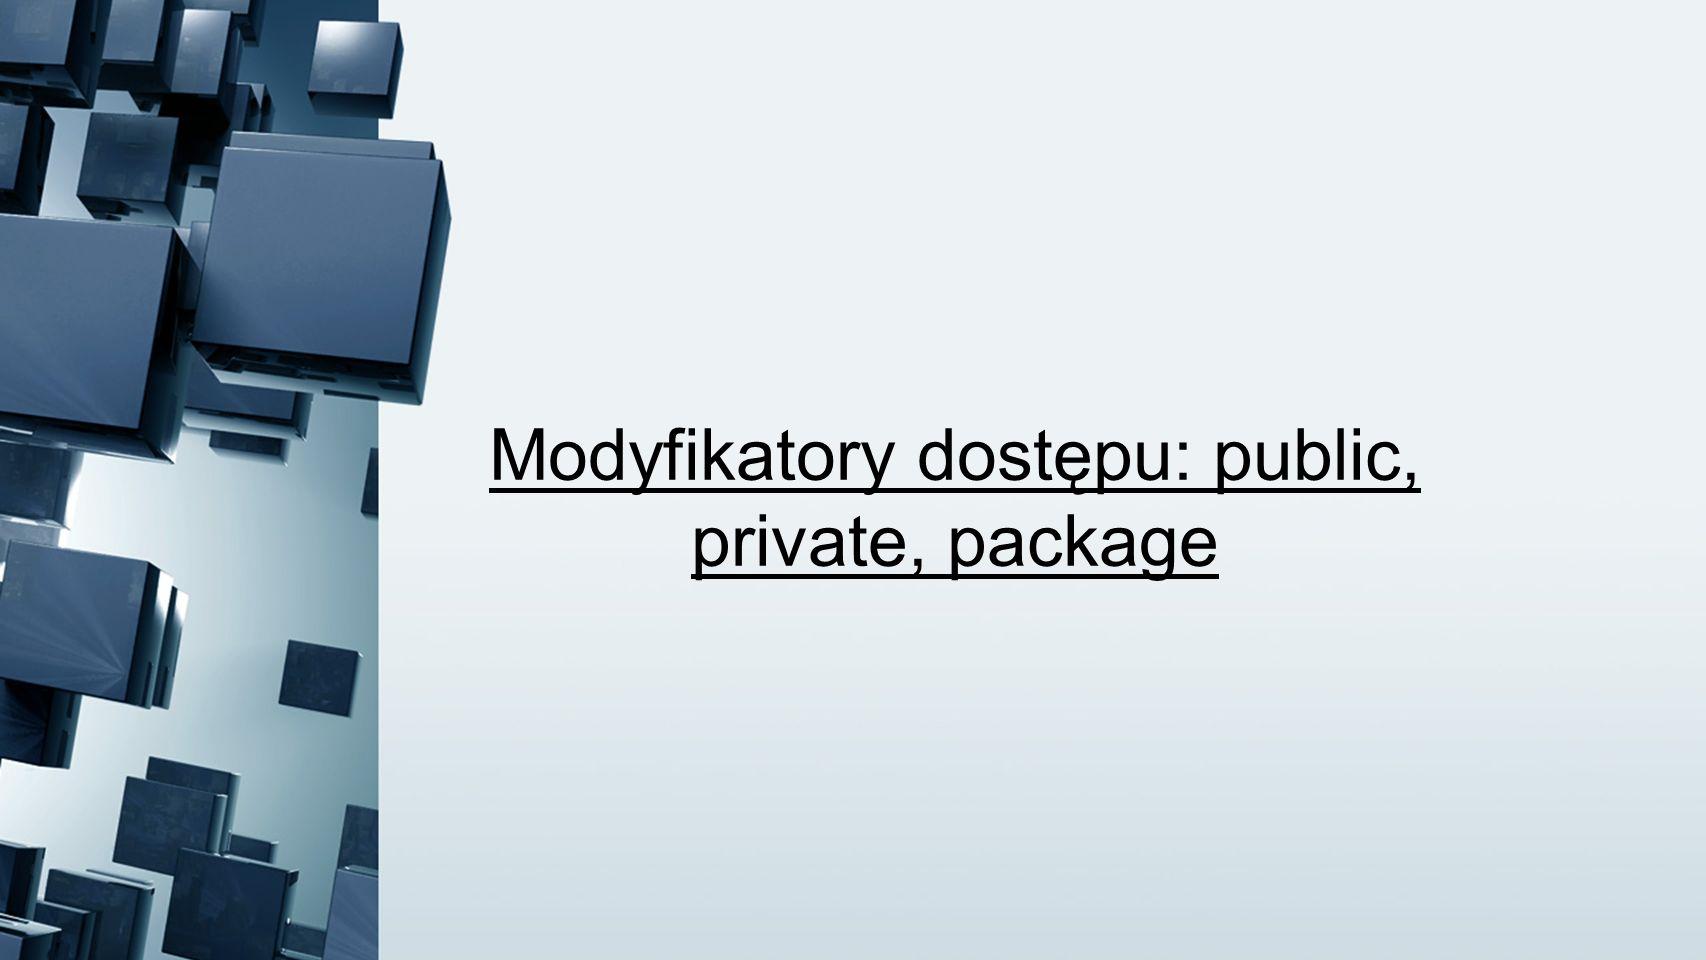 Modyfikatory dostępu: public, private, package